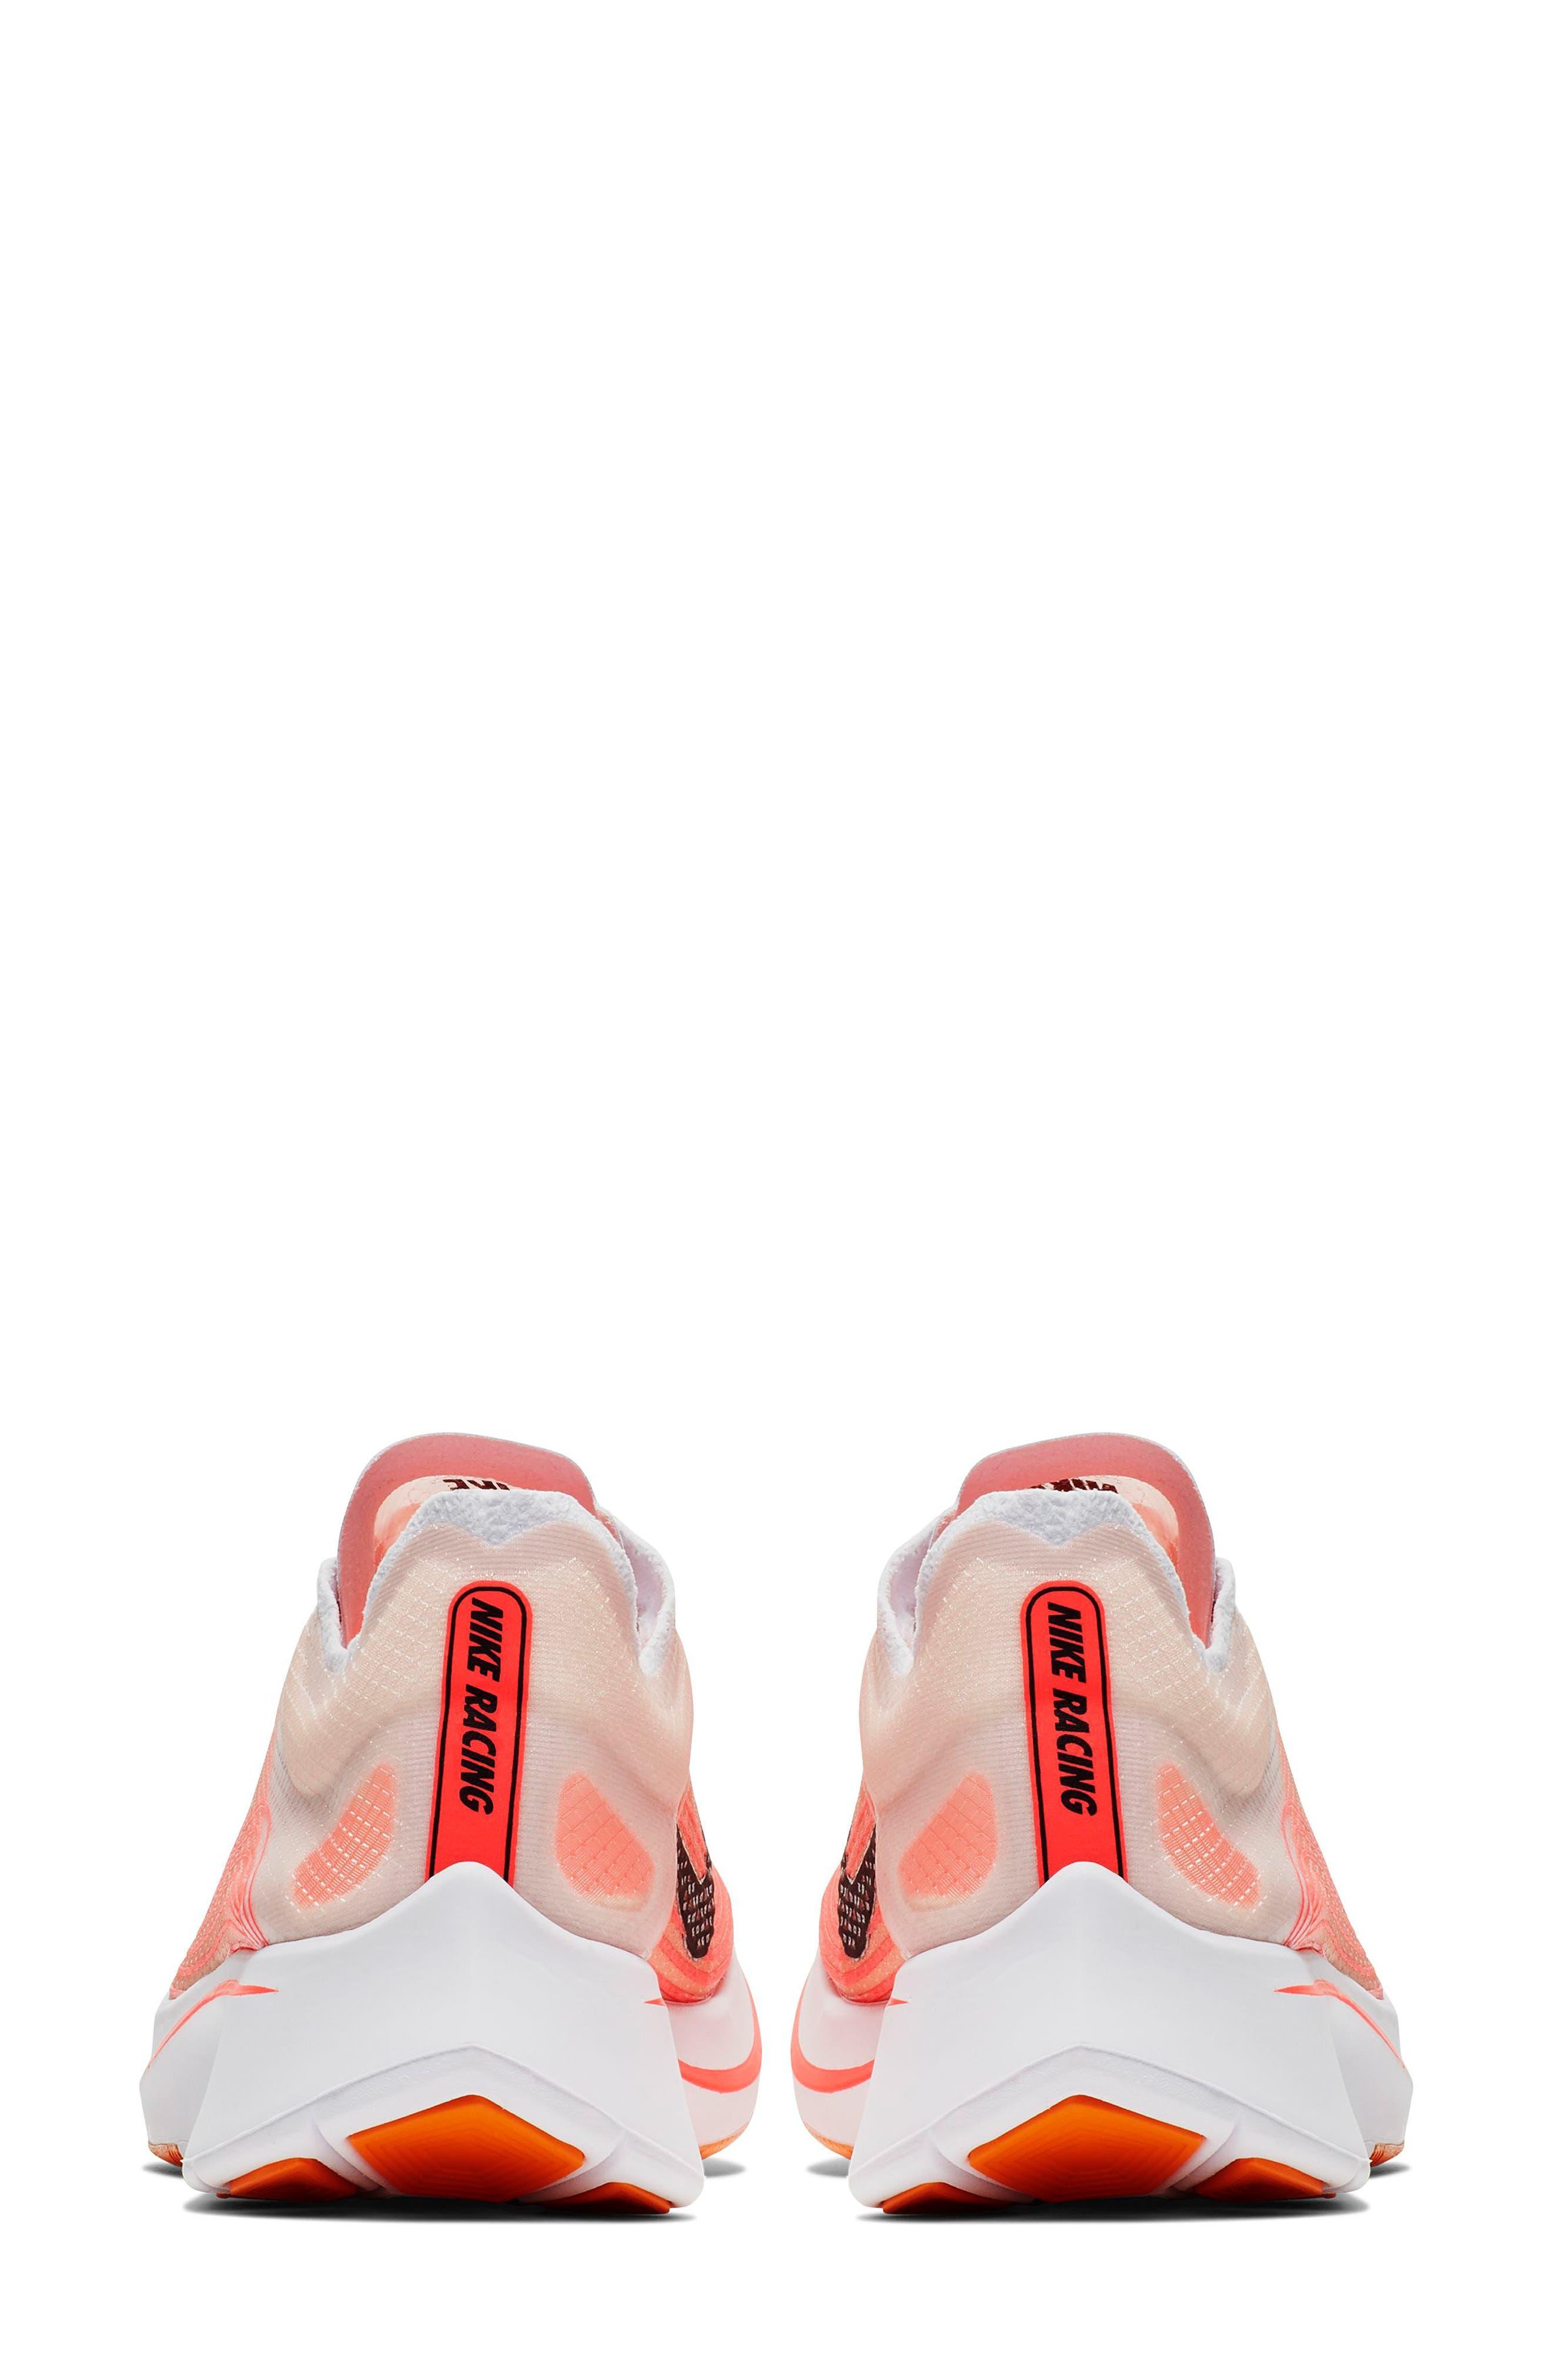 Zoom Fly SP Running Shoe,                             Alternate thumbnail 2, color,                             VARSITY RED/ BLACK/ WHITE